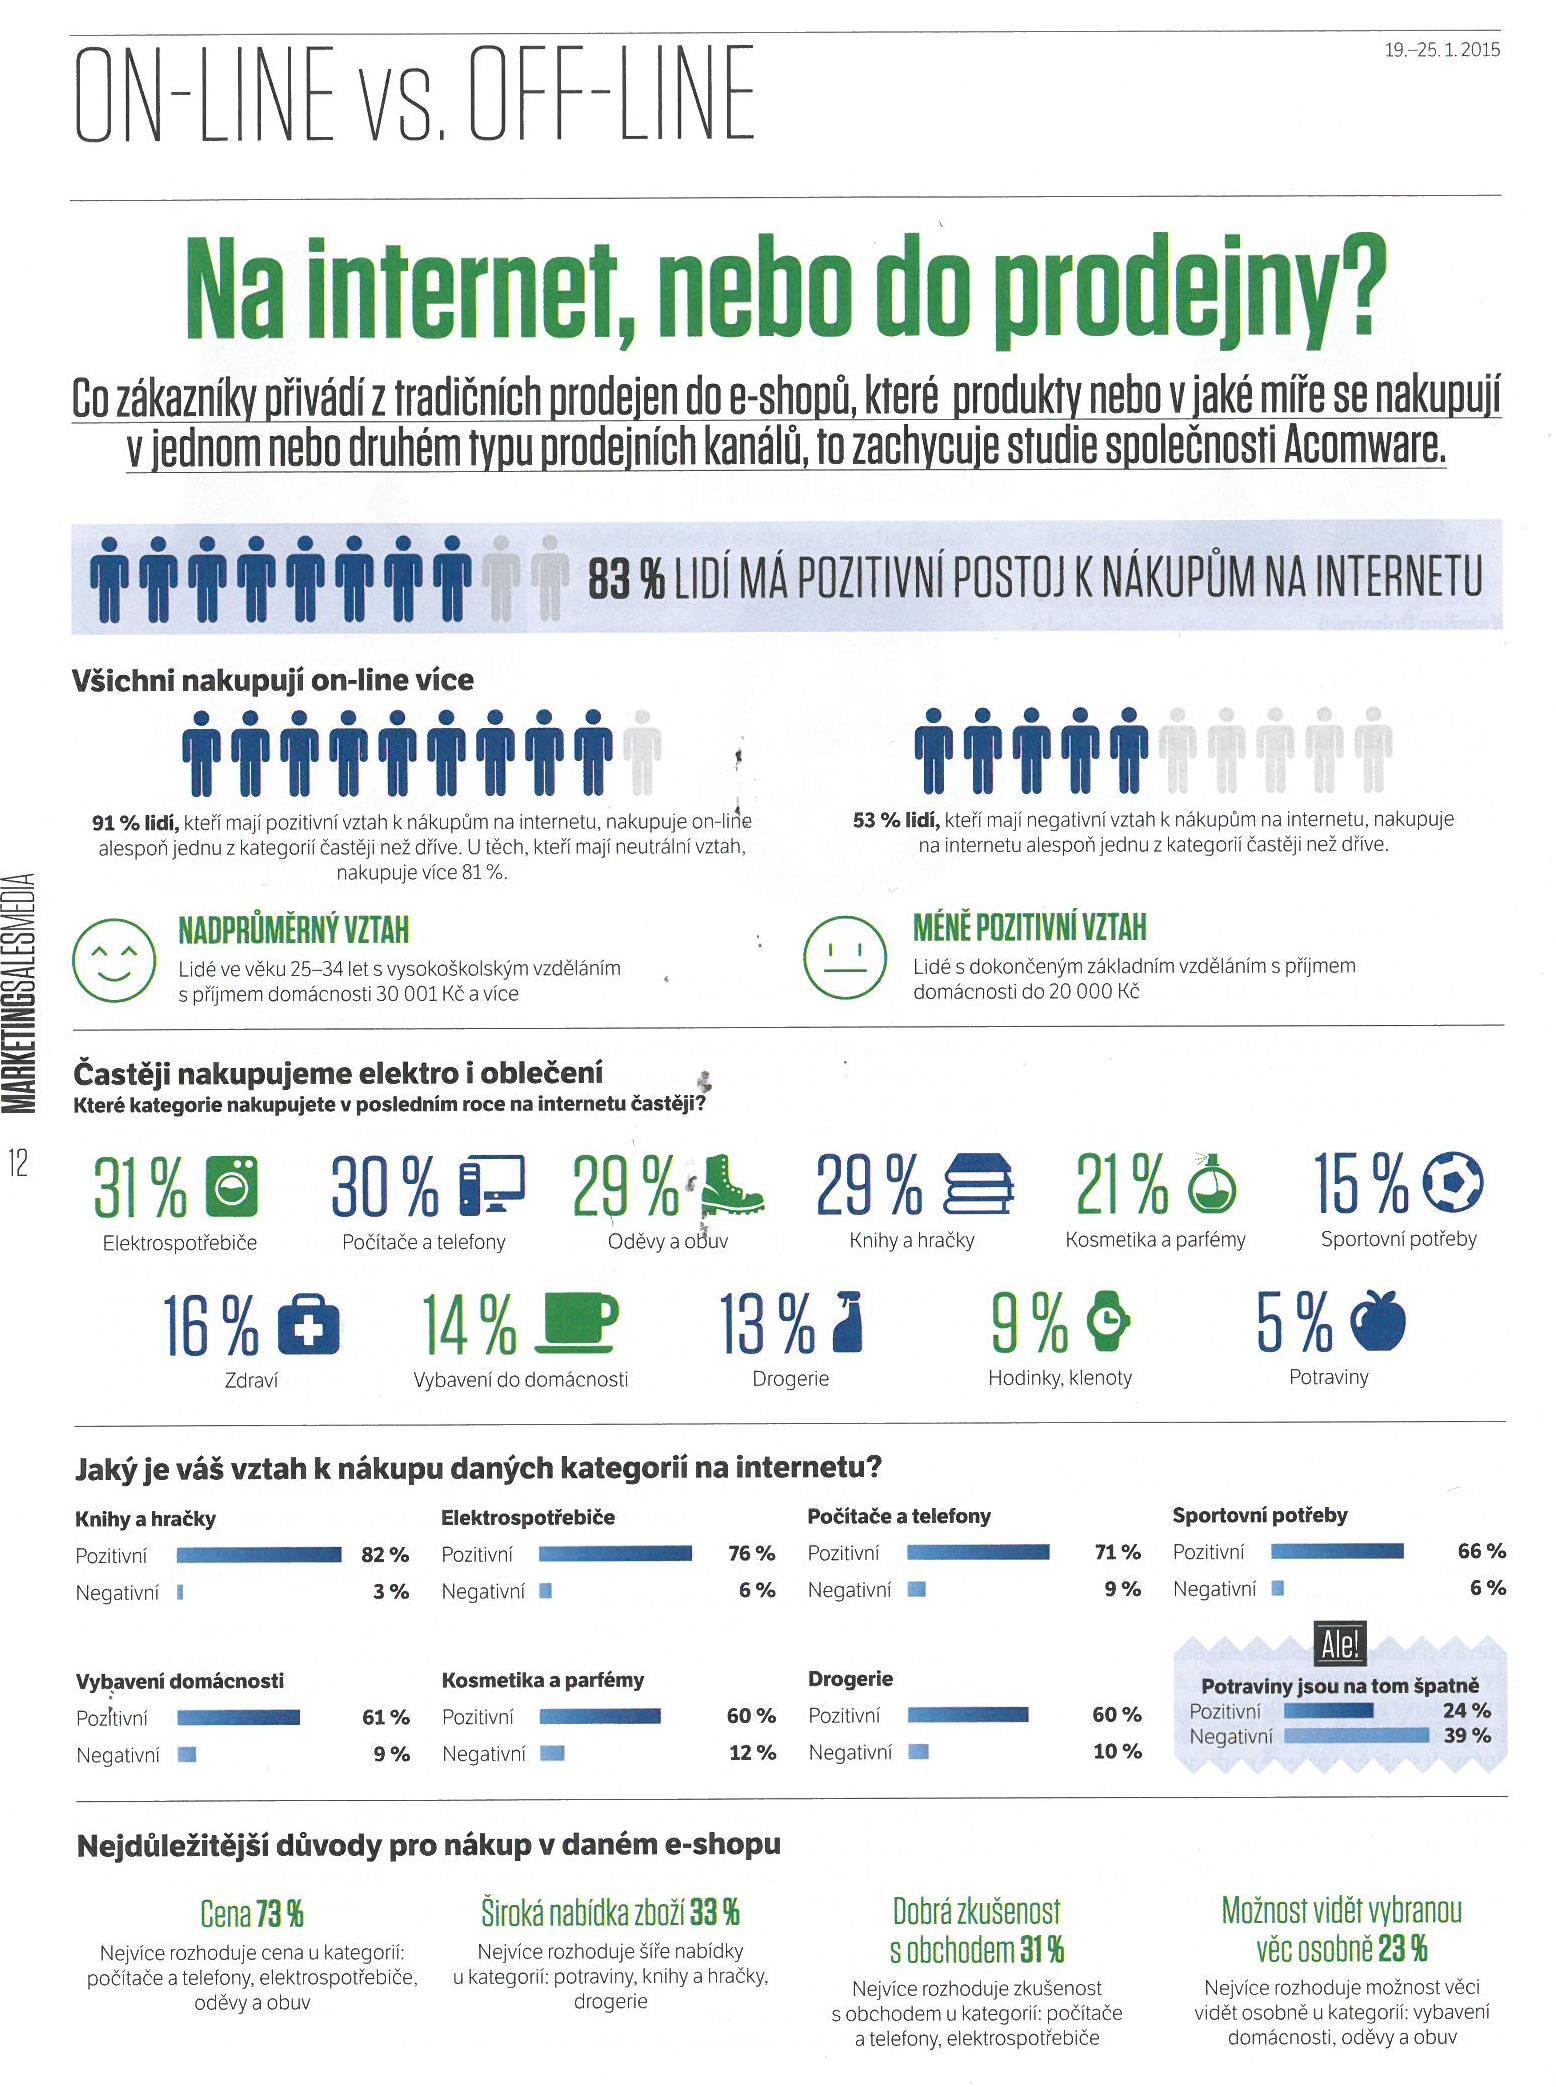 MSM-Na internet, nebo do prodejny (1)